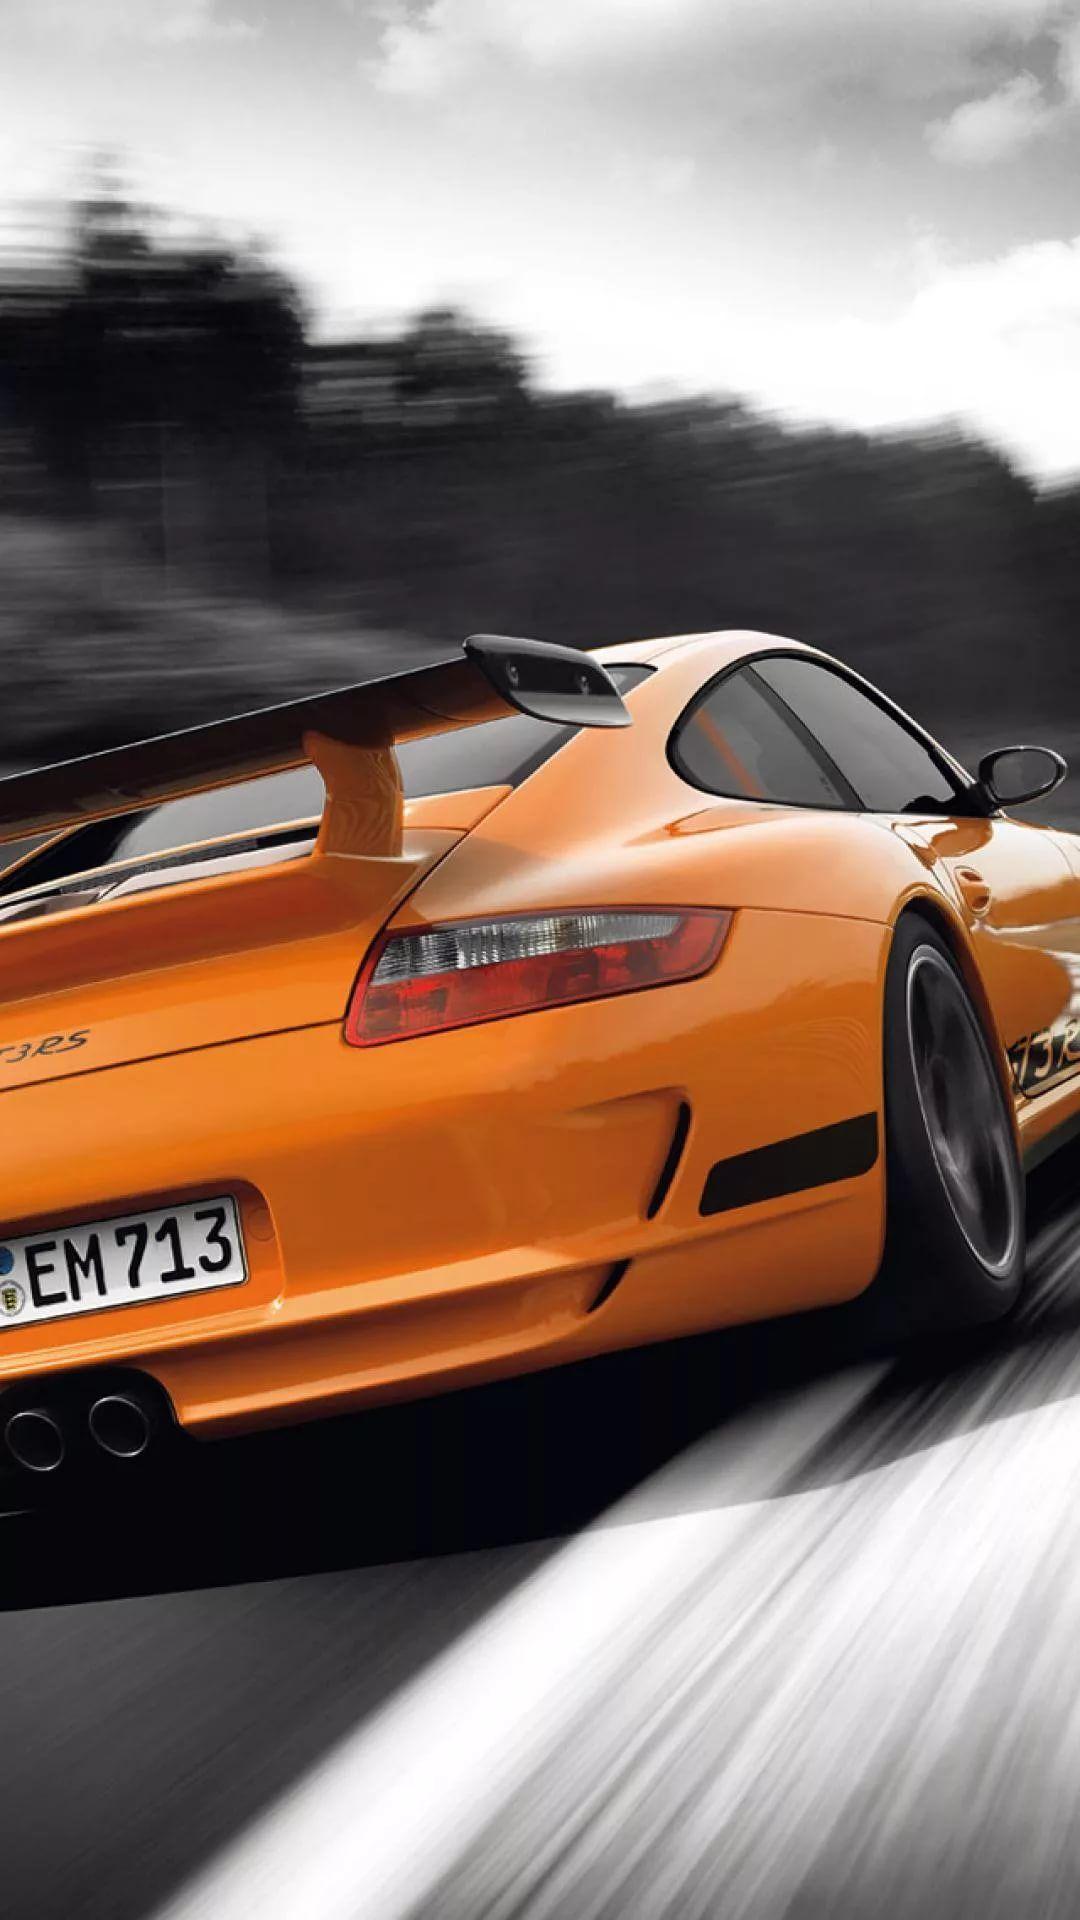 Porsche Gt3 Rs iPhone 7 wallpaper